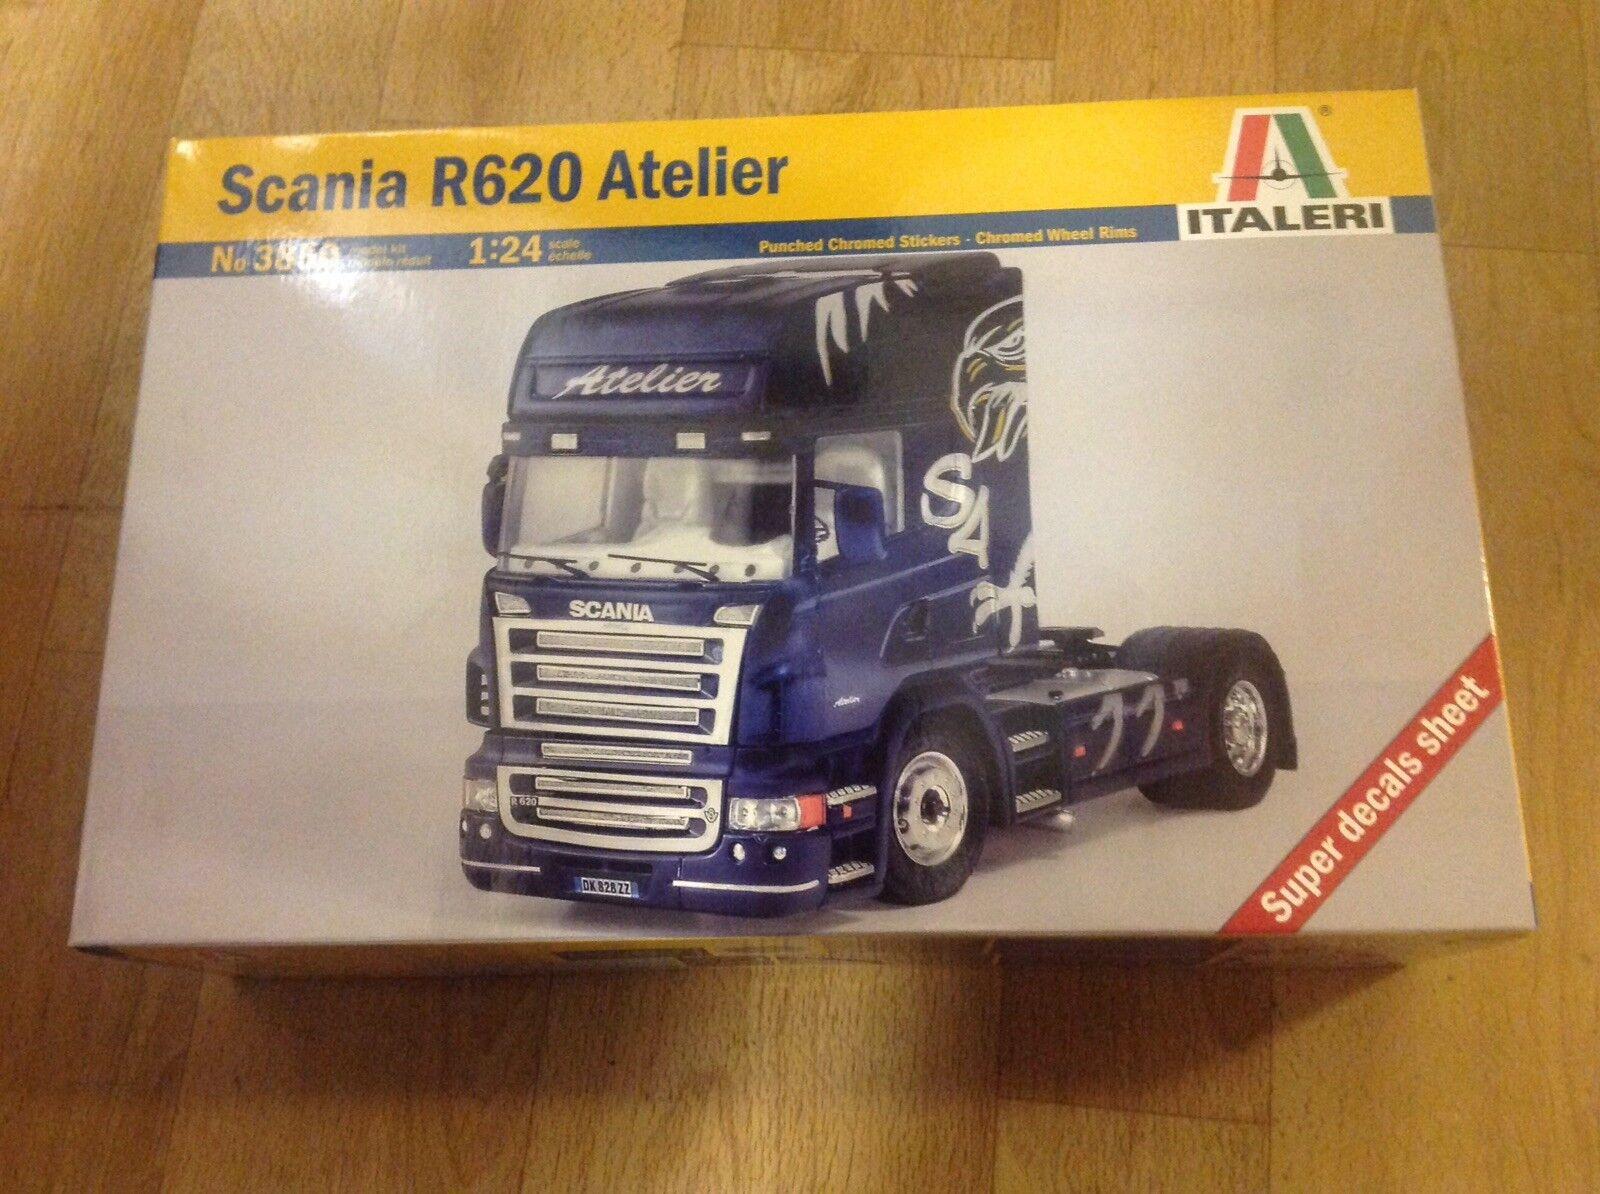 Italeri 3850 Scania R620 Atelier. 1 24 Scale